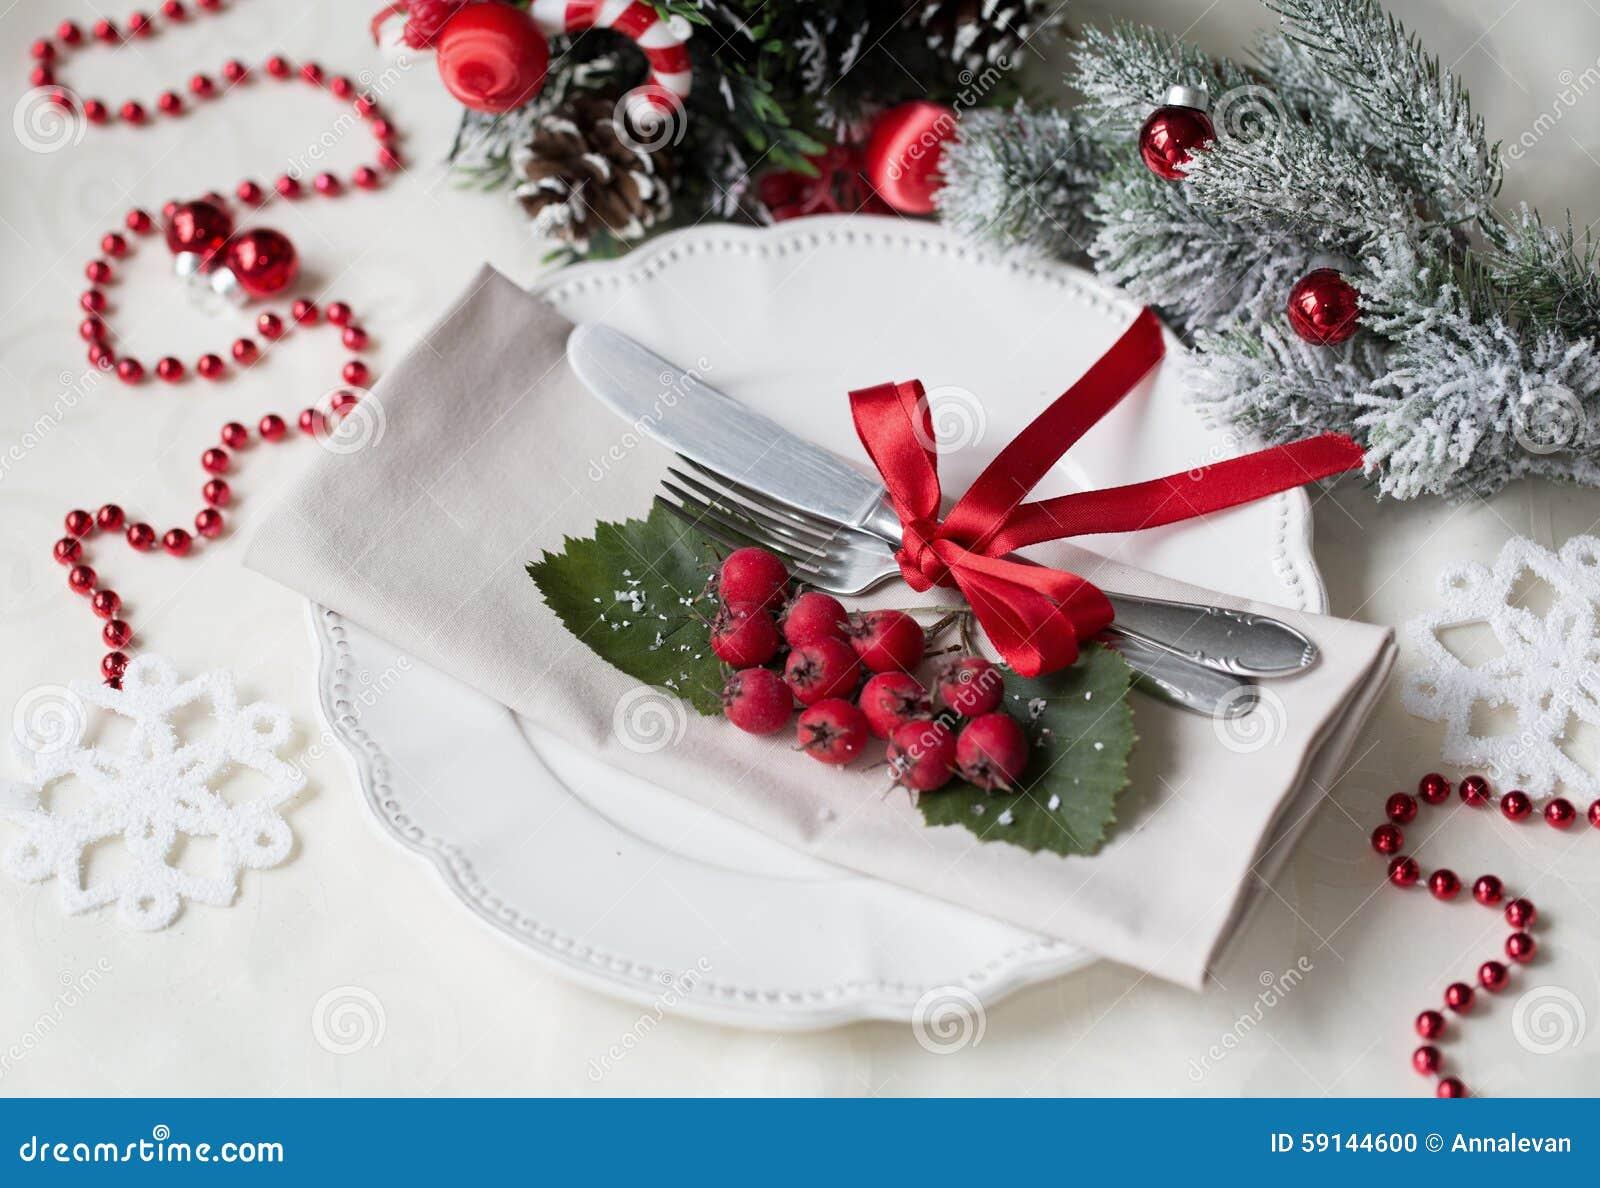 Ajuste do Natal e da tabela do feriado do ano novo celebration Ajuste de lugar para o jantar de Natal Decorações do feriado decor